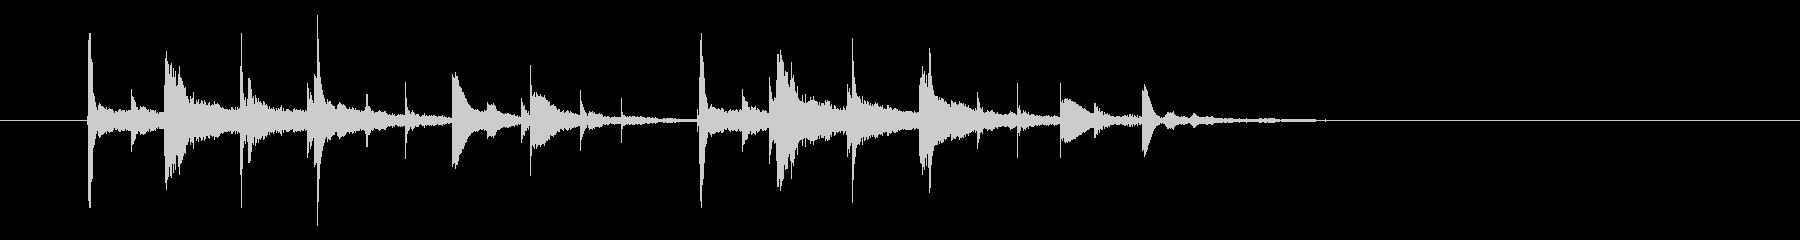 コンコココンという不思議な音の未再生の波形